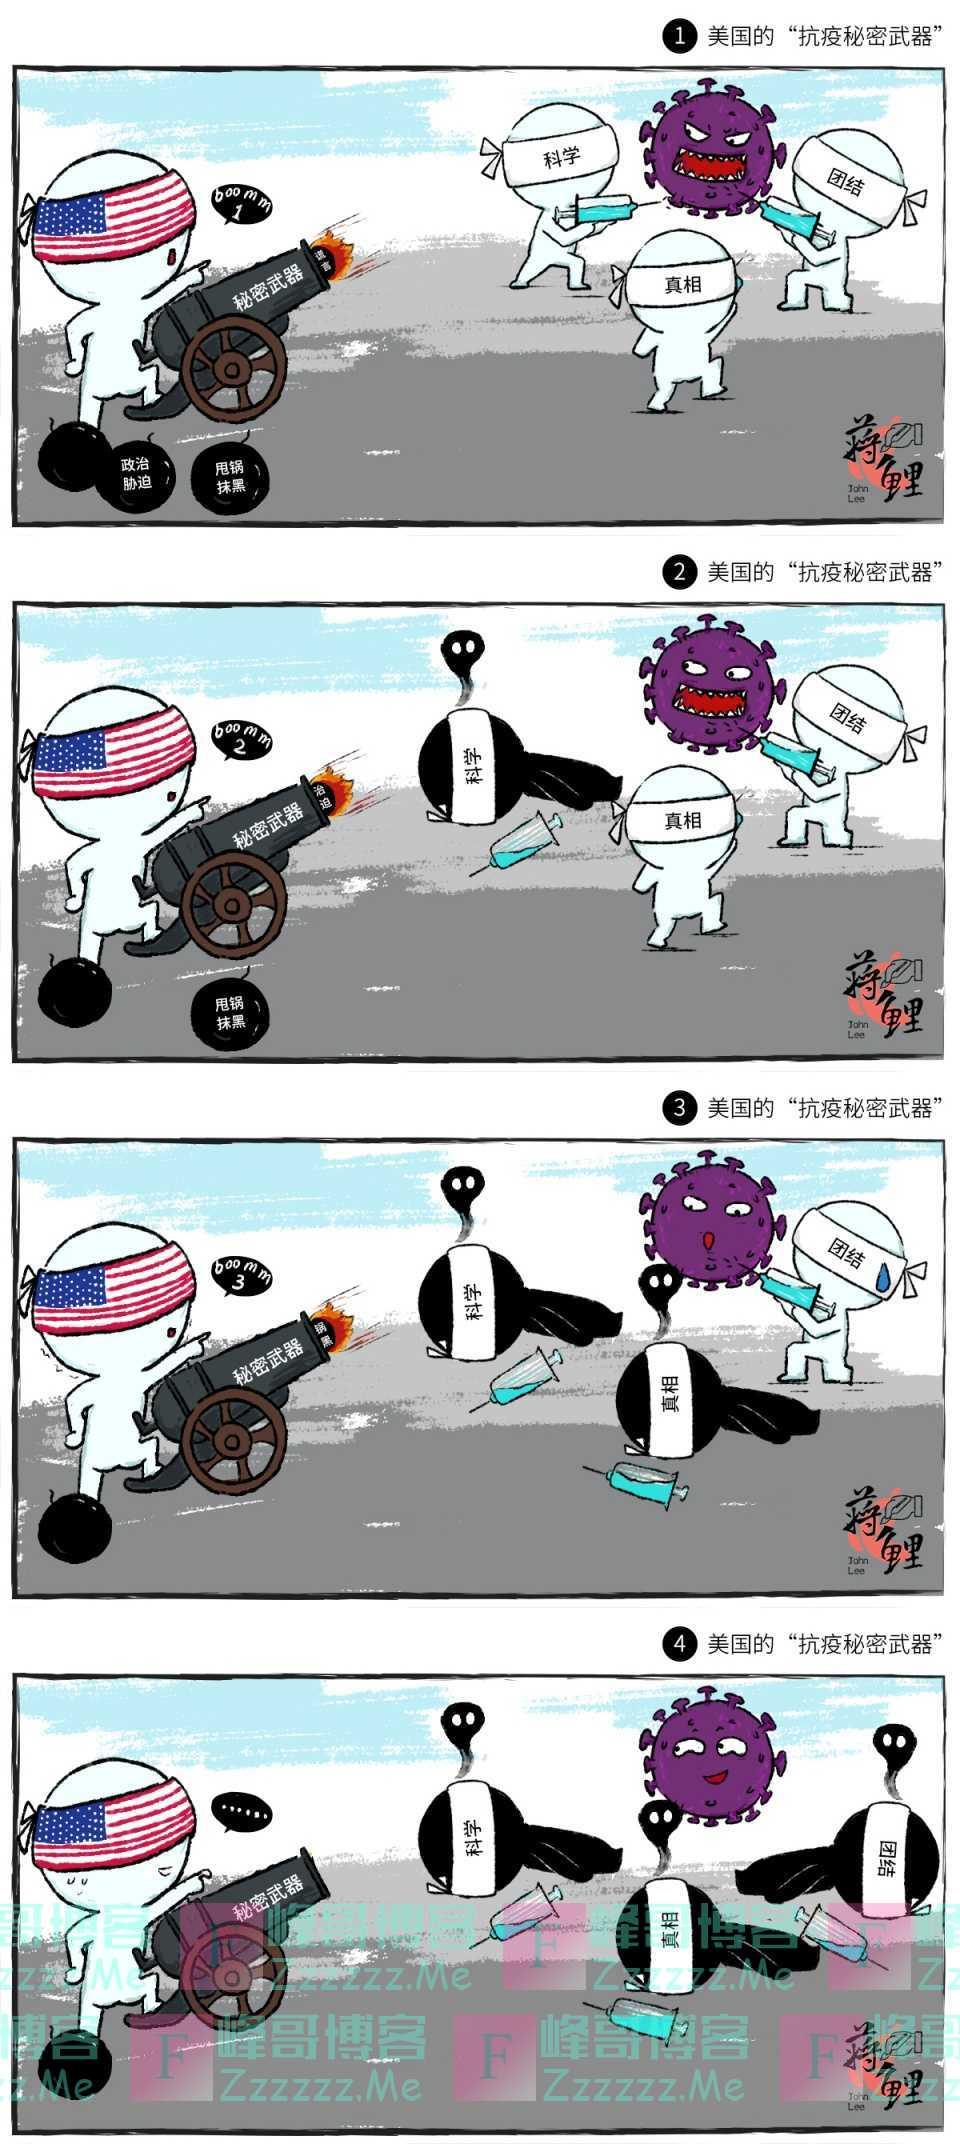 """新漫评:美国的""""抗疫炮弹""""瞄准的是谁?!"""